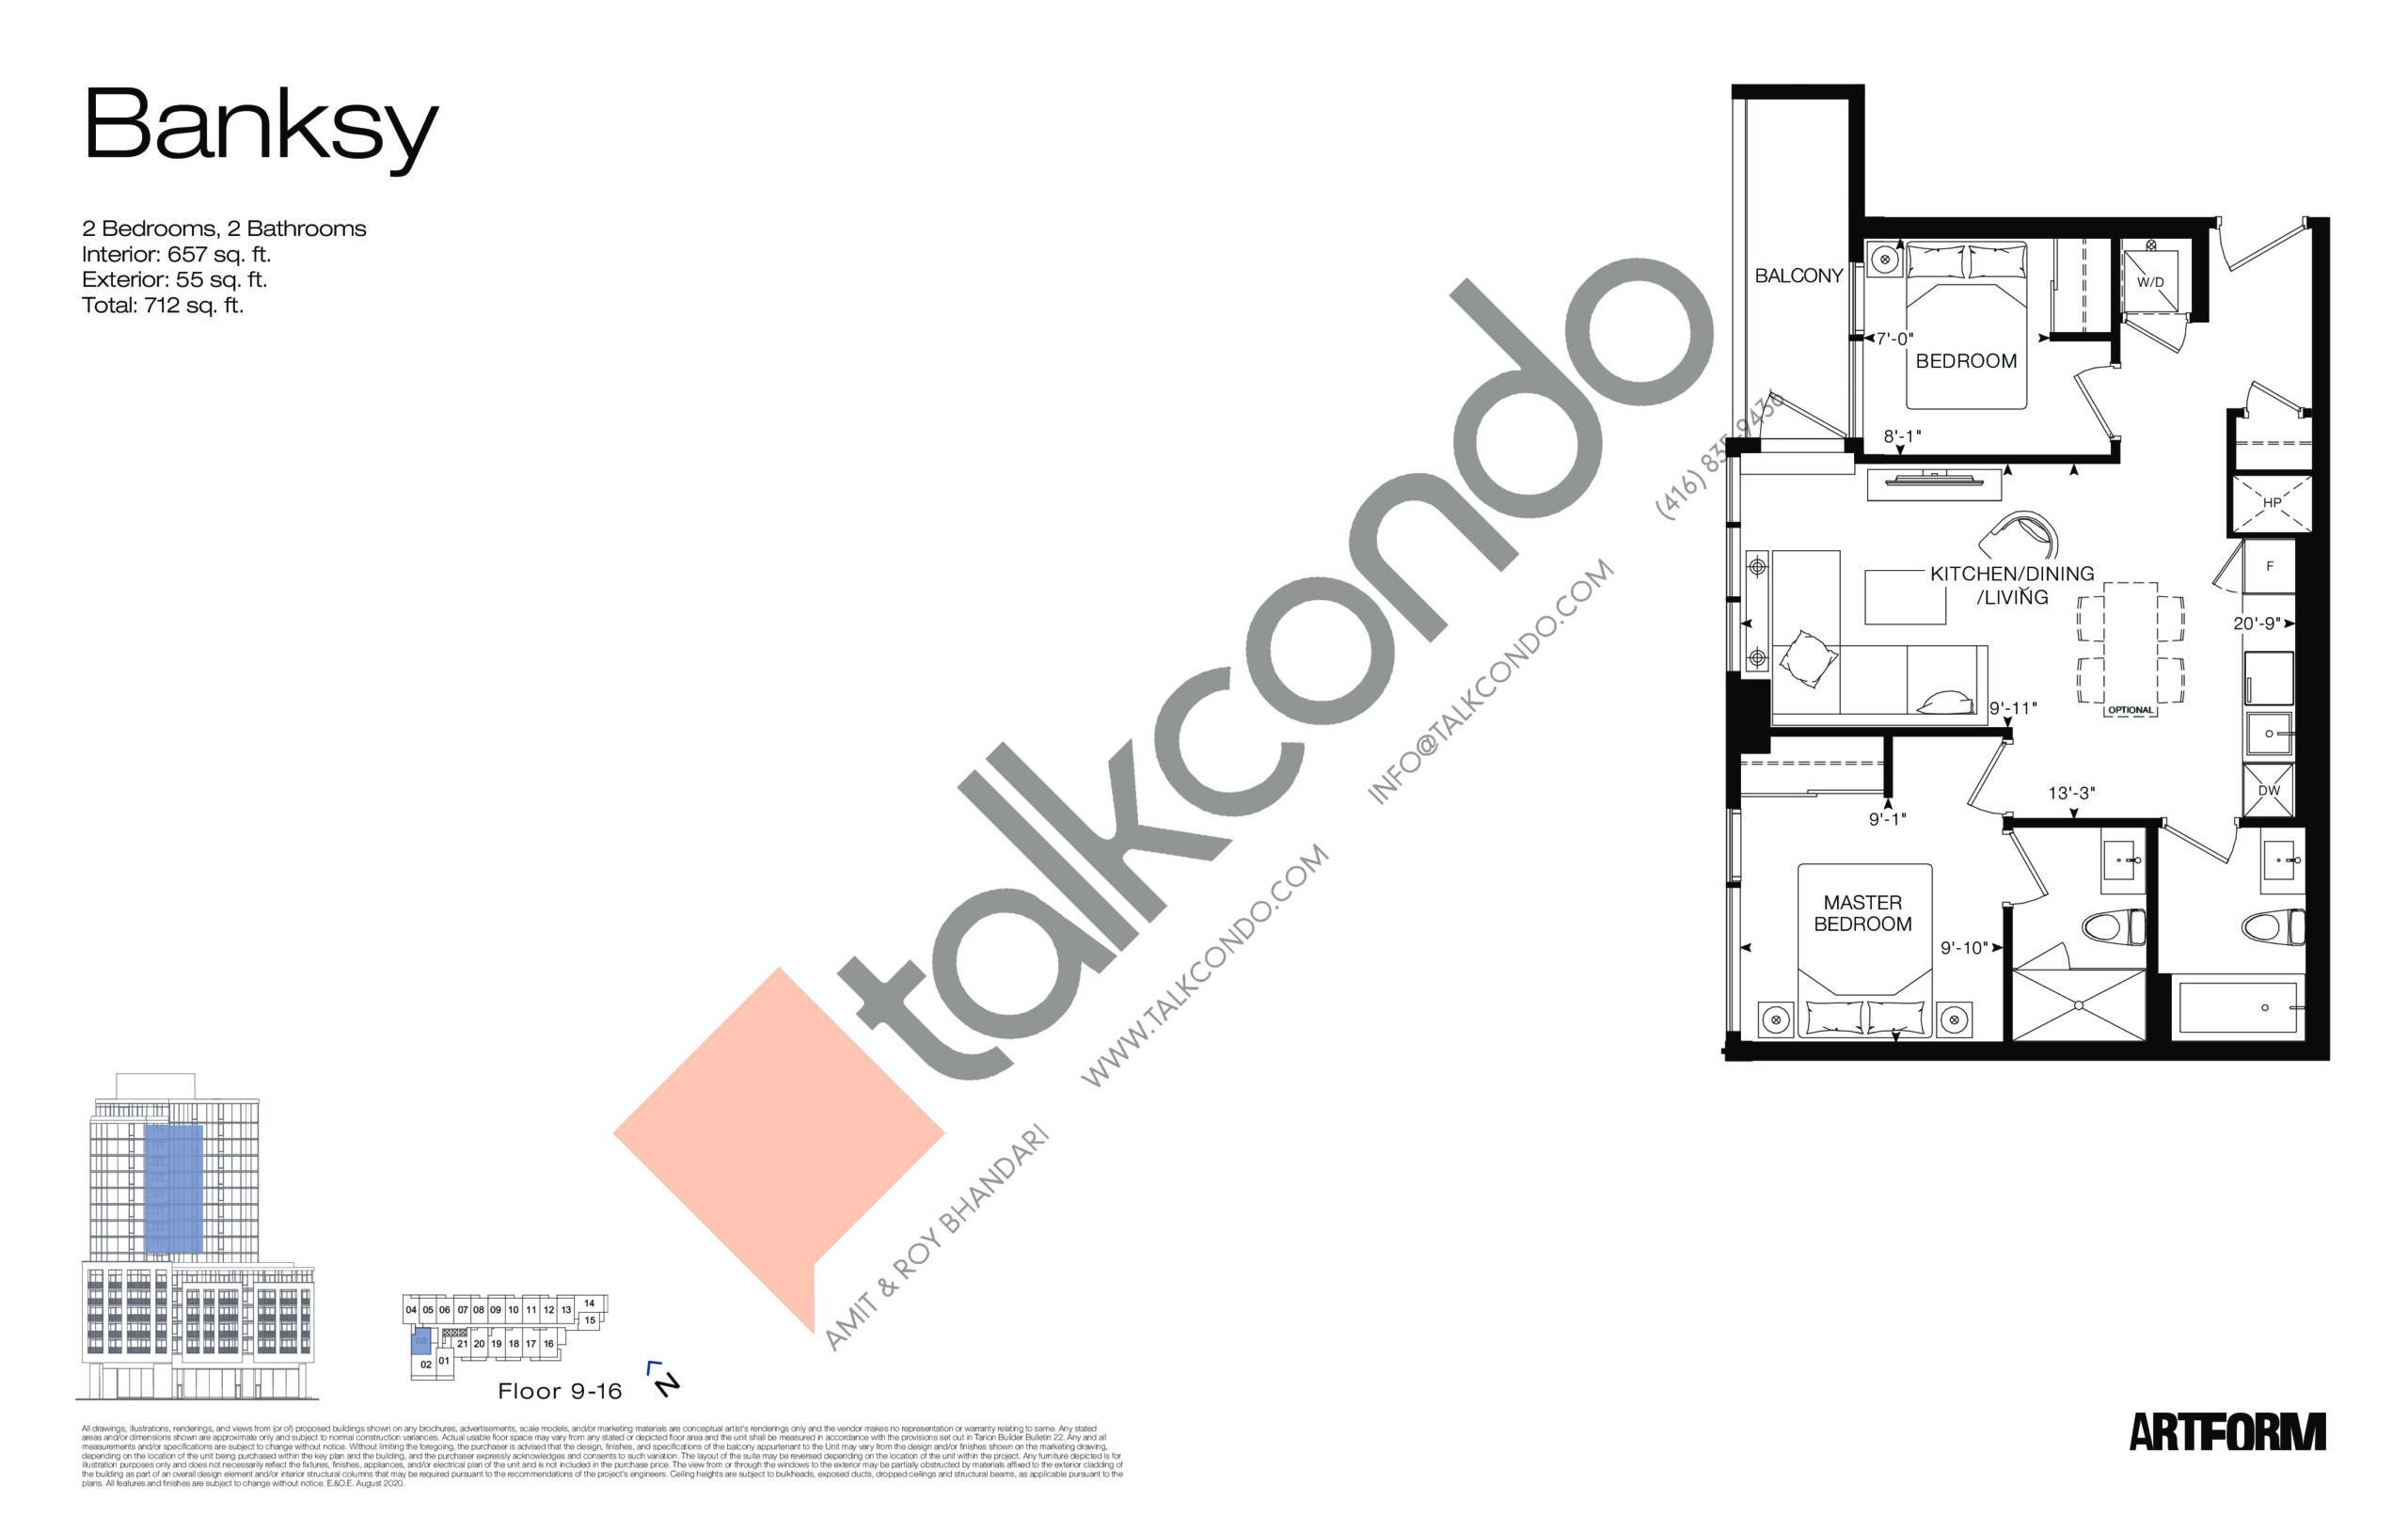 Banksy Floor Plan at Artform Condos - 657 sq.ft